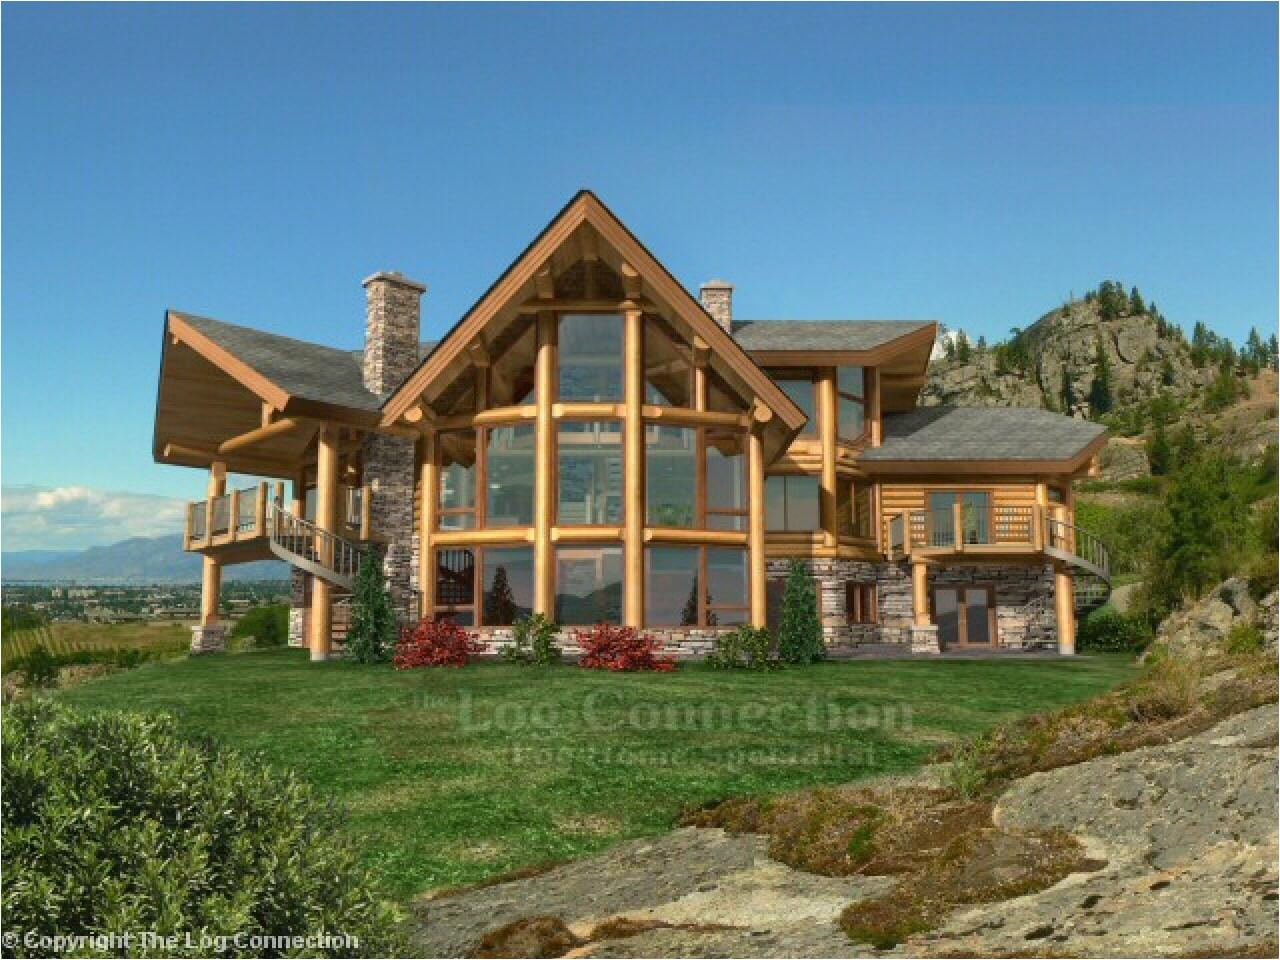 bcb902dcf9ad17e4 blue ridge log homes prices blue ridge log homes review